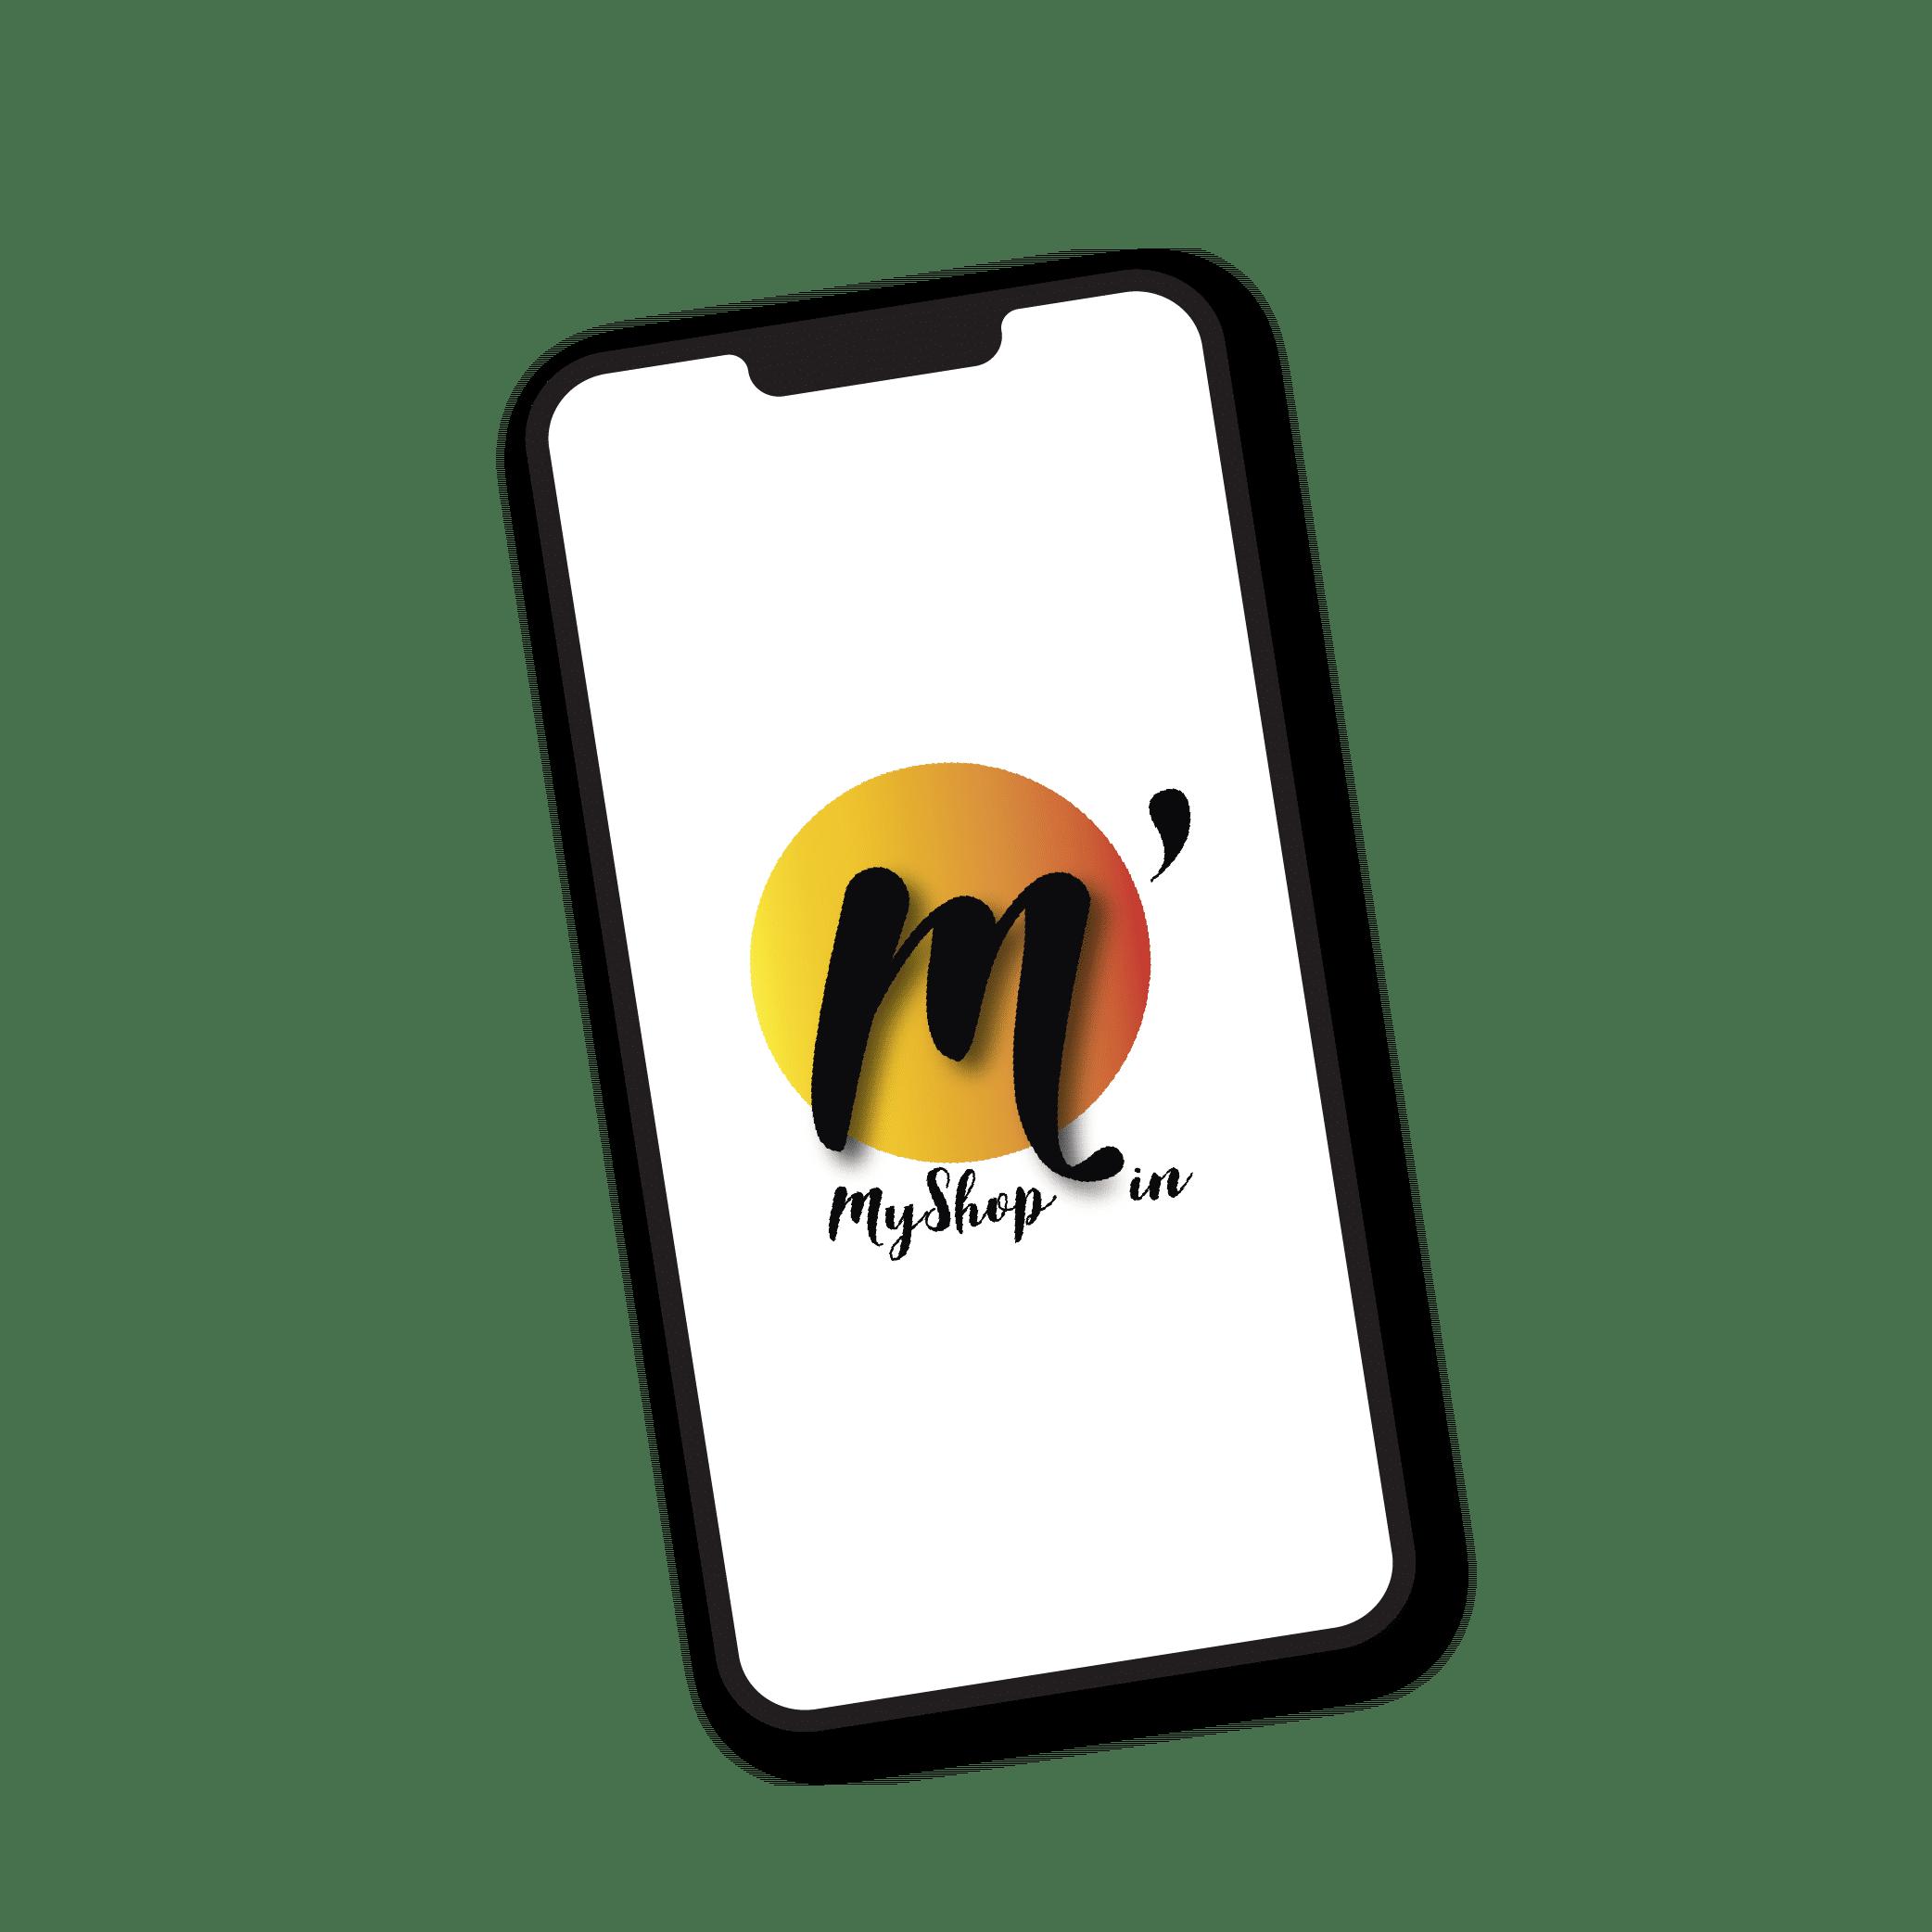 MyShop'in